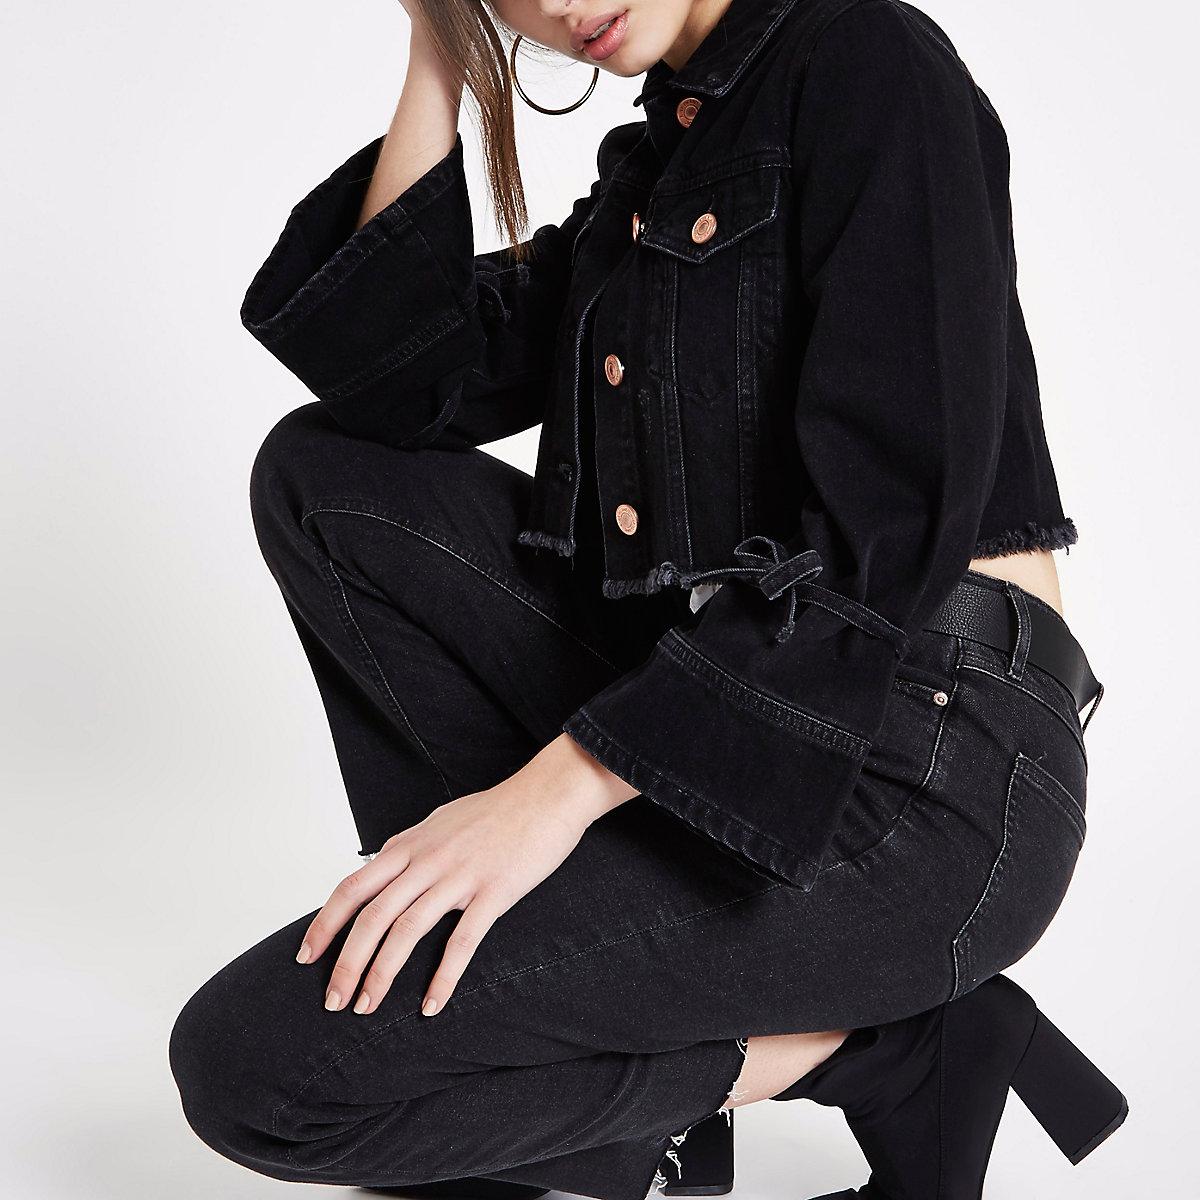 Schwarze, kurze Jeansjacke im Used-Look